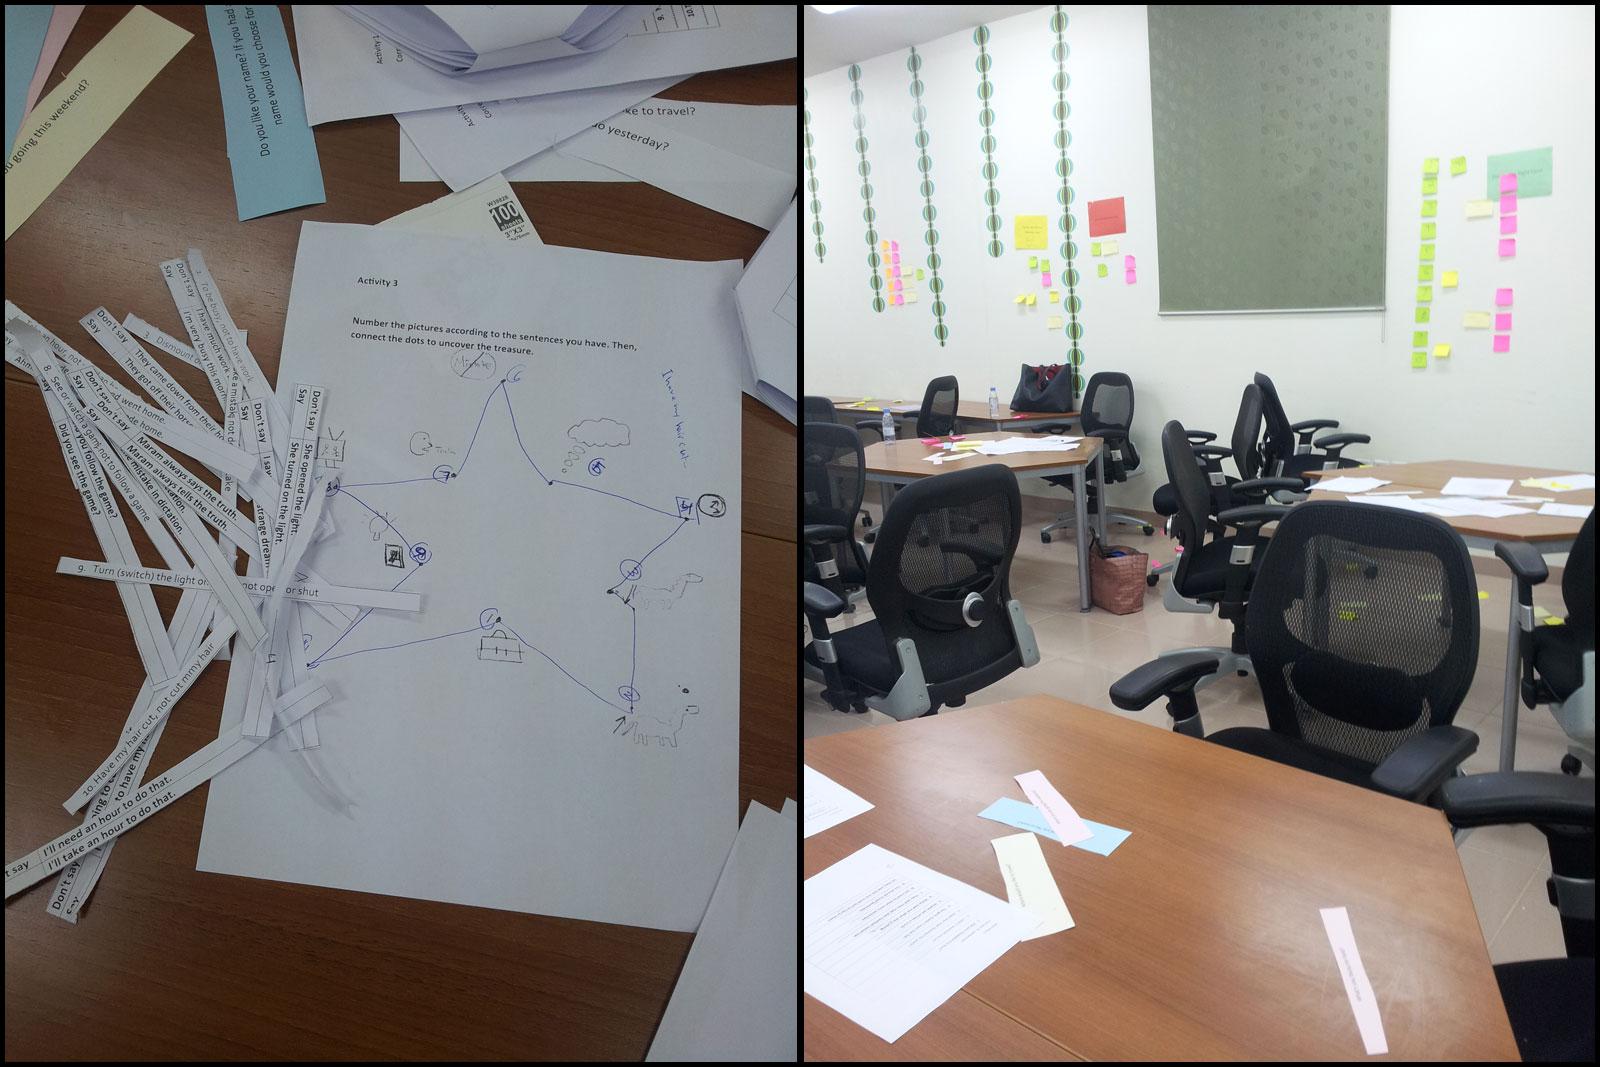 """ورشة عمل بعنوان """"Common Mistakes in English"""" في رحاب كلية الدراسات التطبيقية وخدمة المجتمع شرق الرياض"""